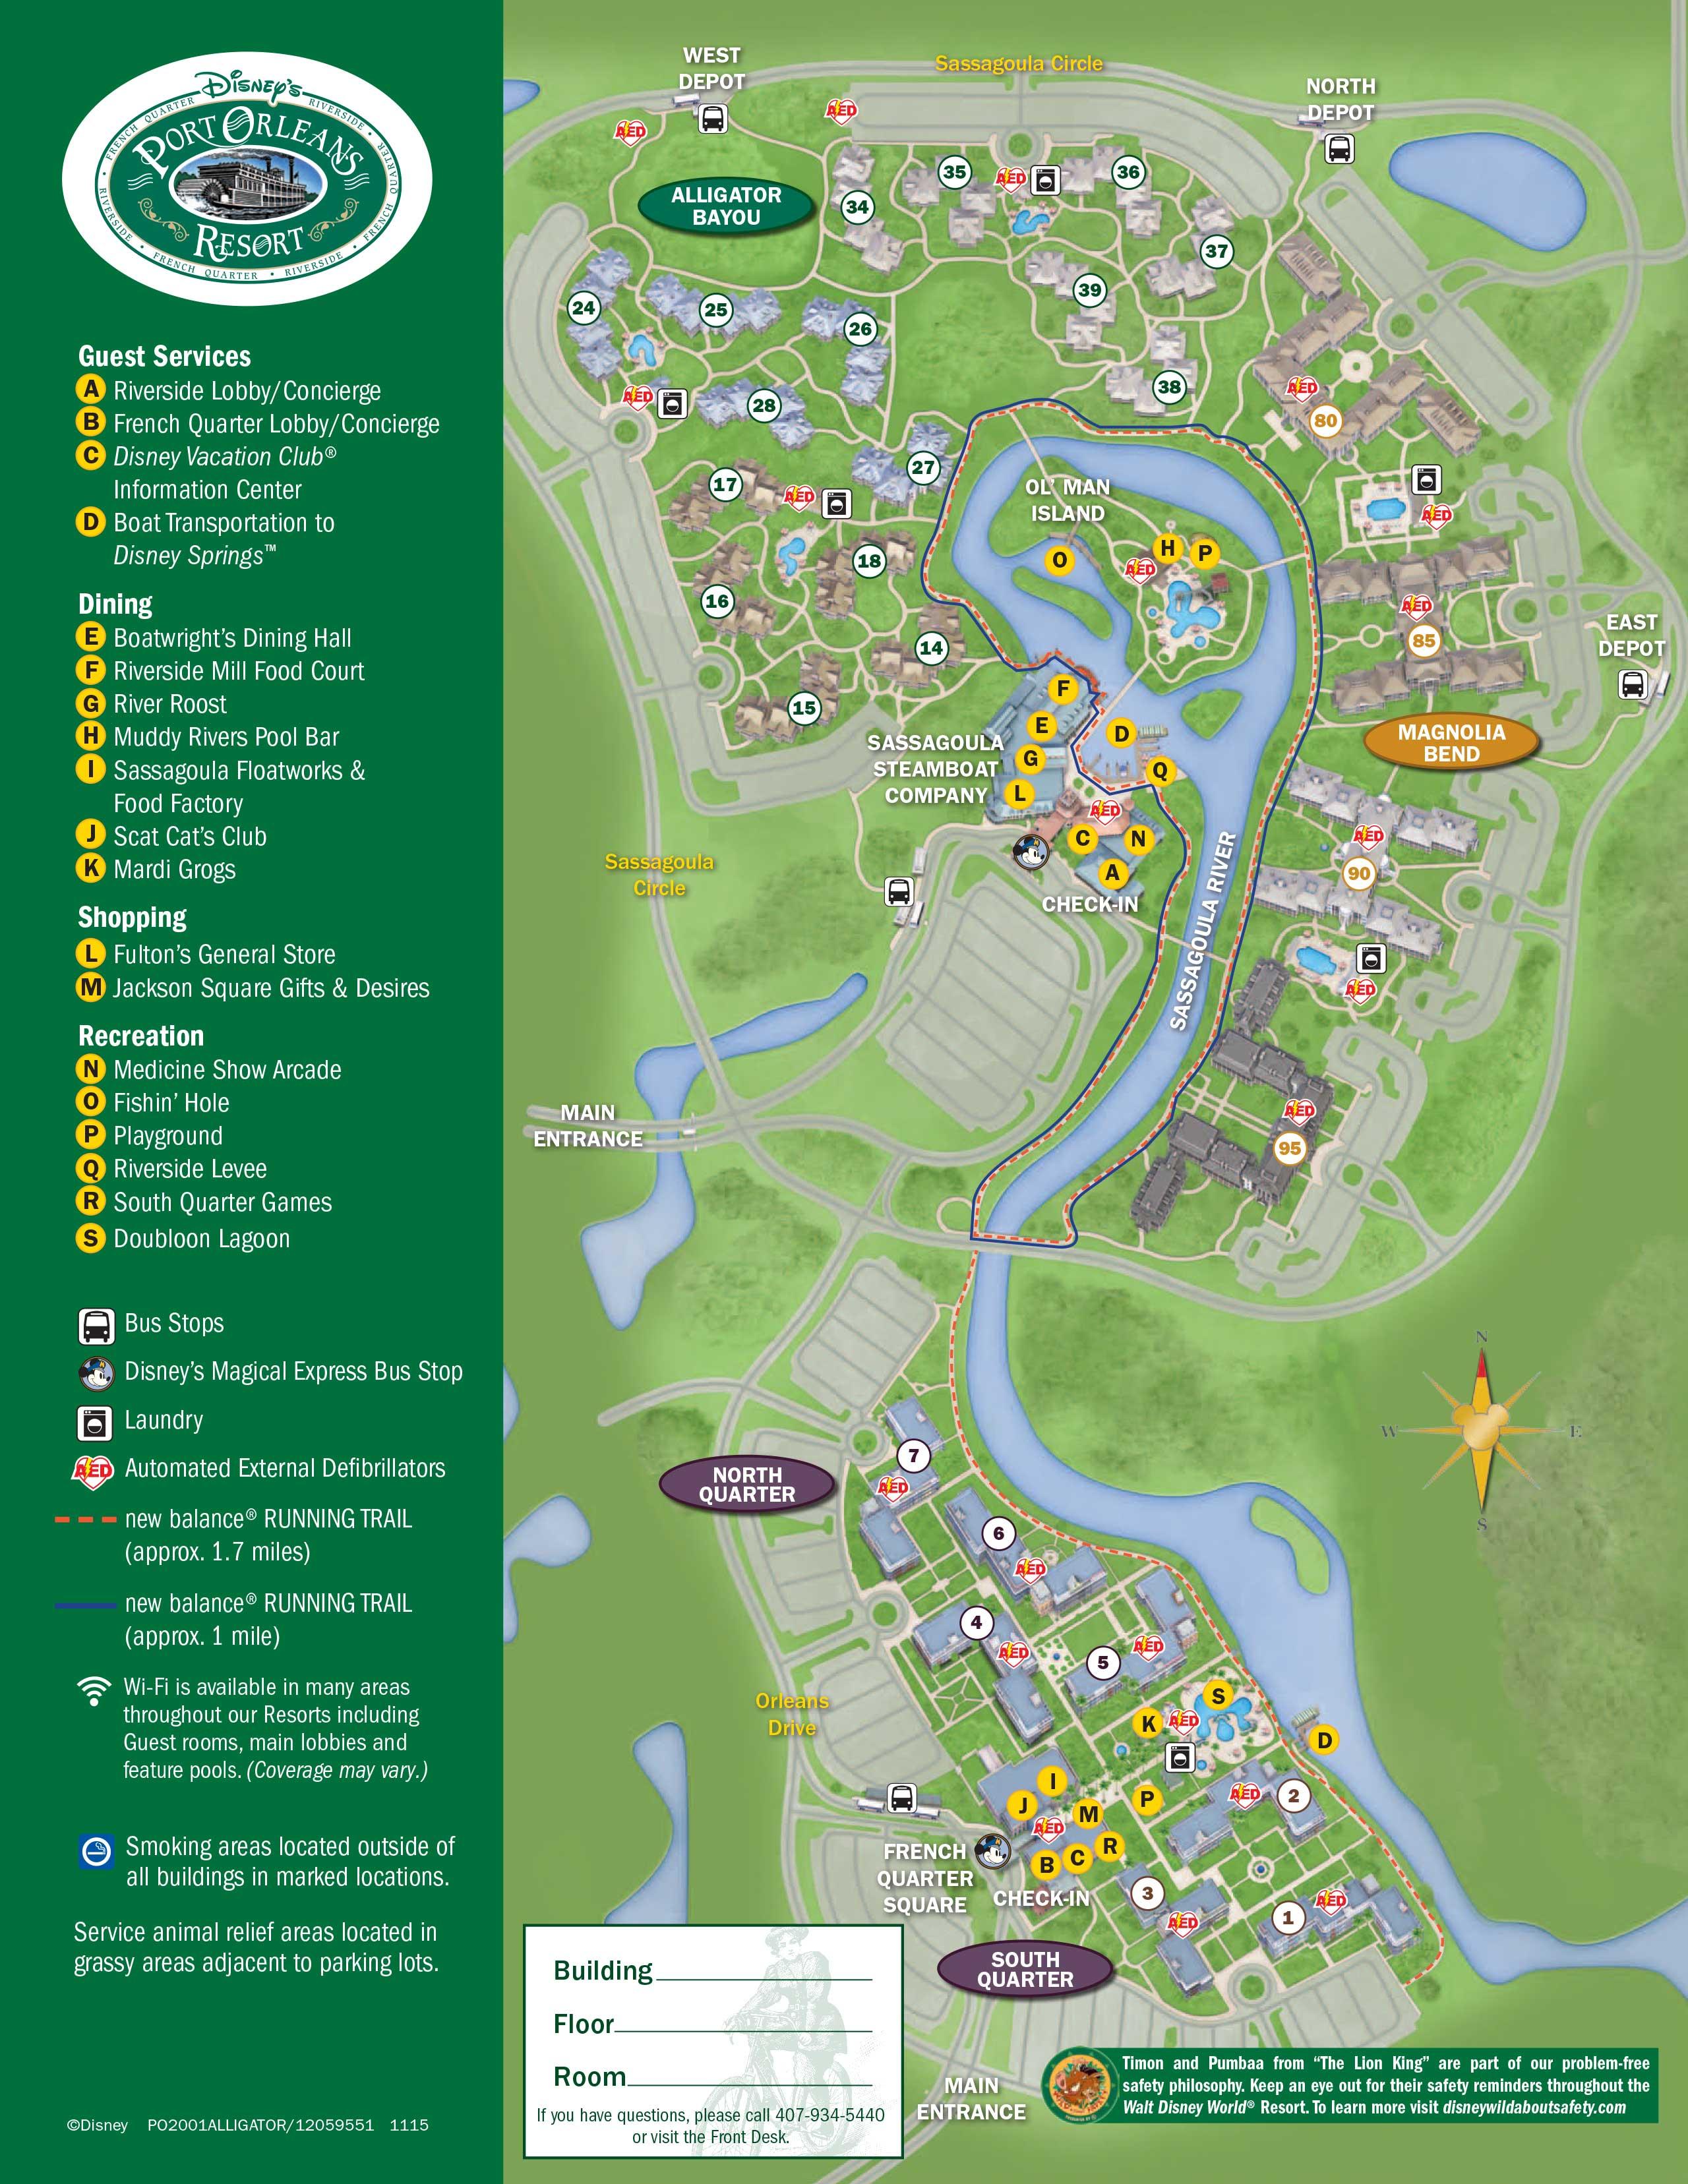 f6f250a85f April 2017 Walt Disney World Resort Hotel Maps - Photo 7 of 33